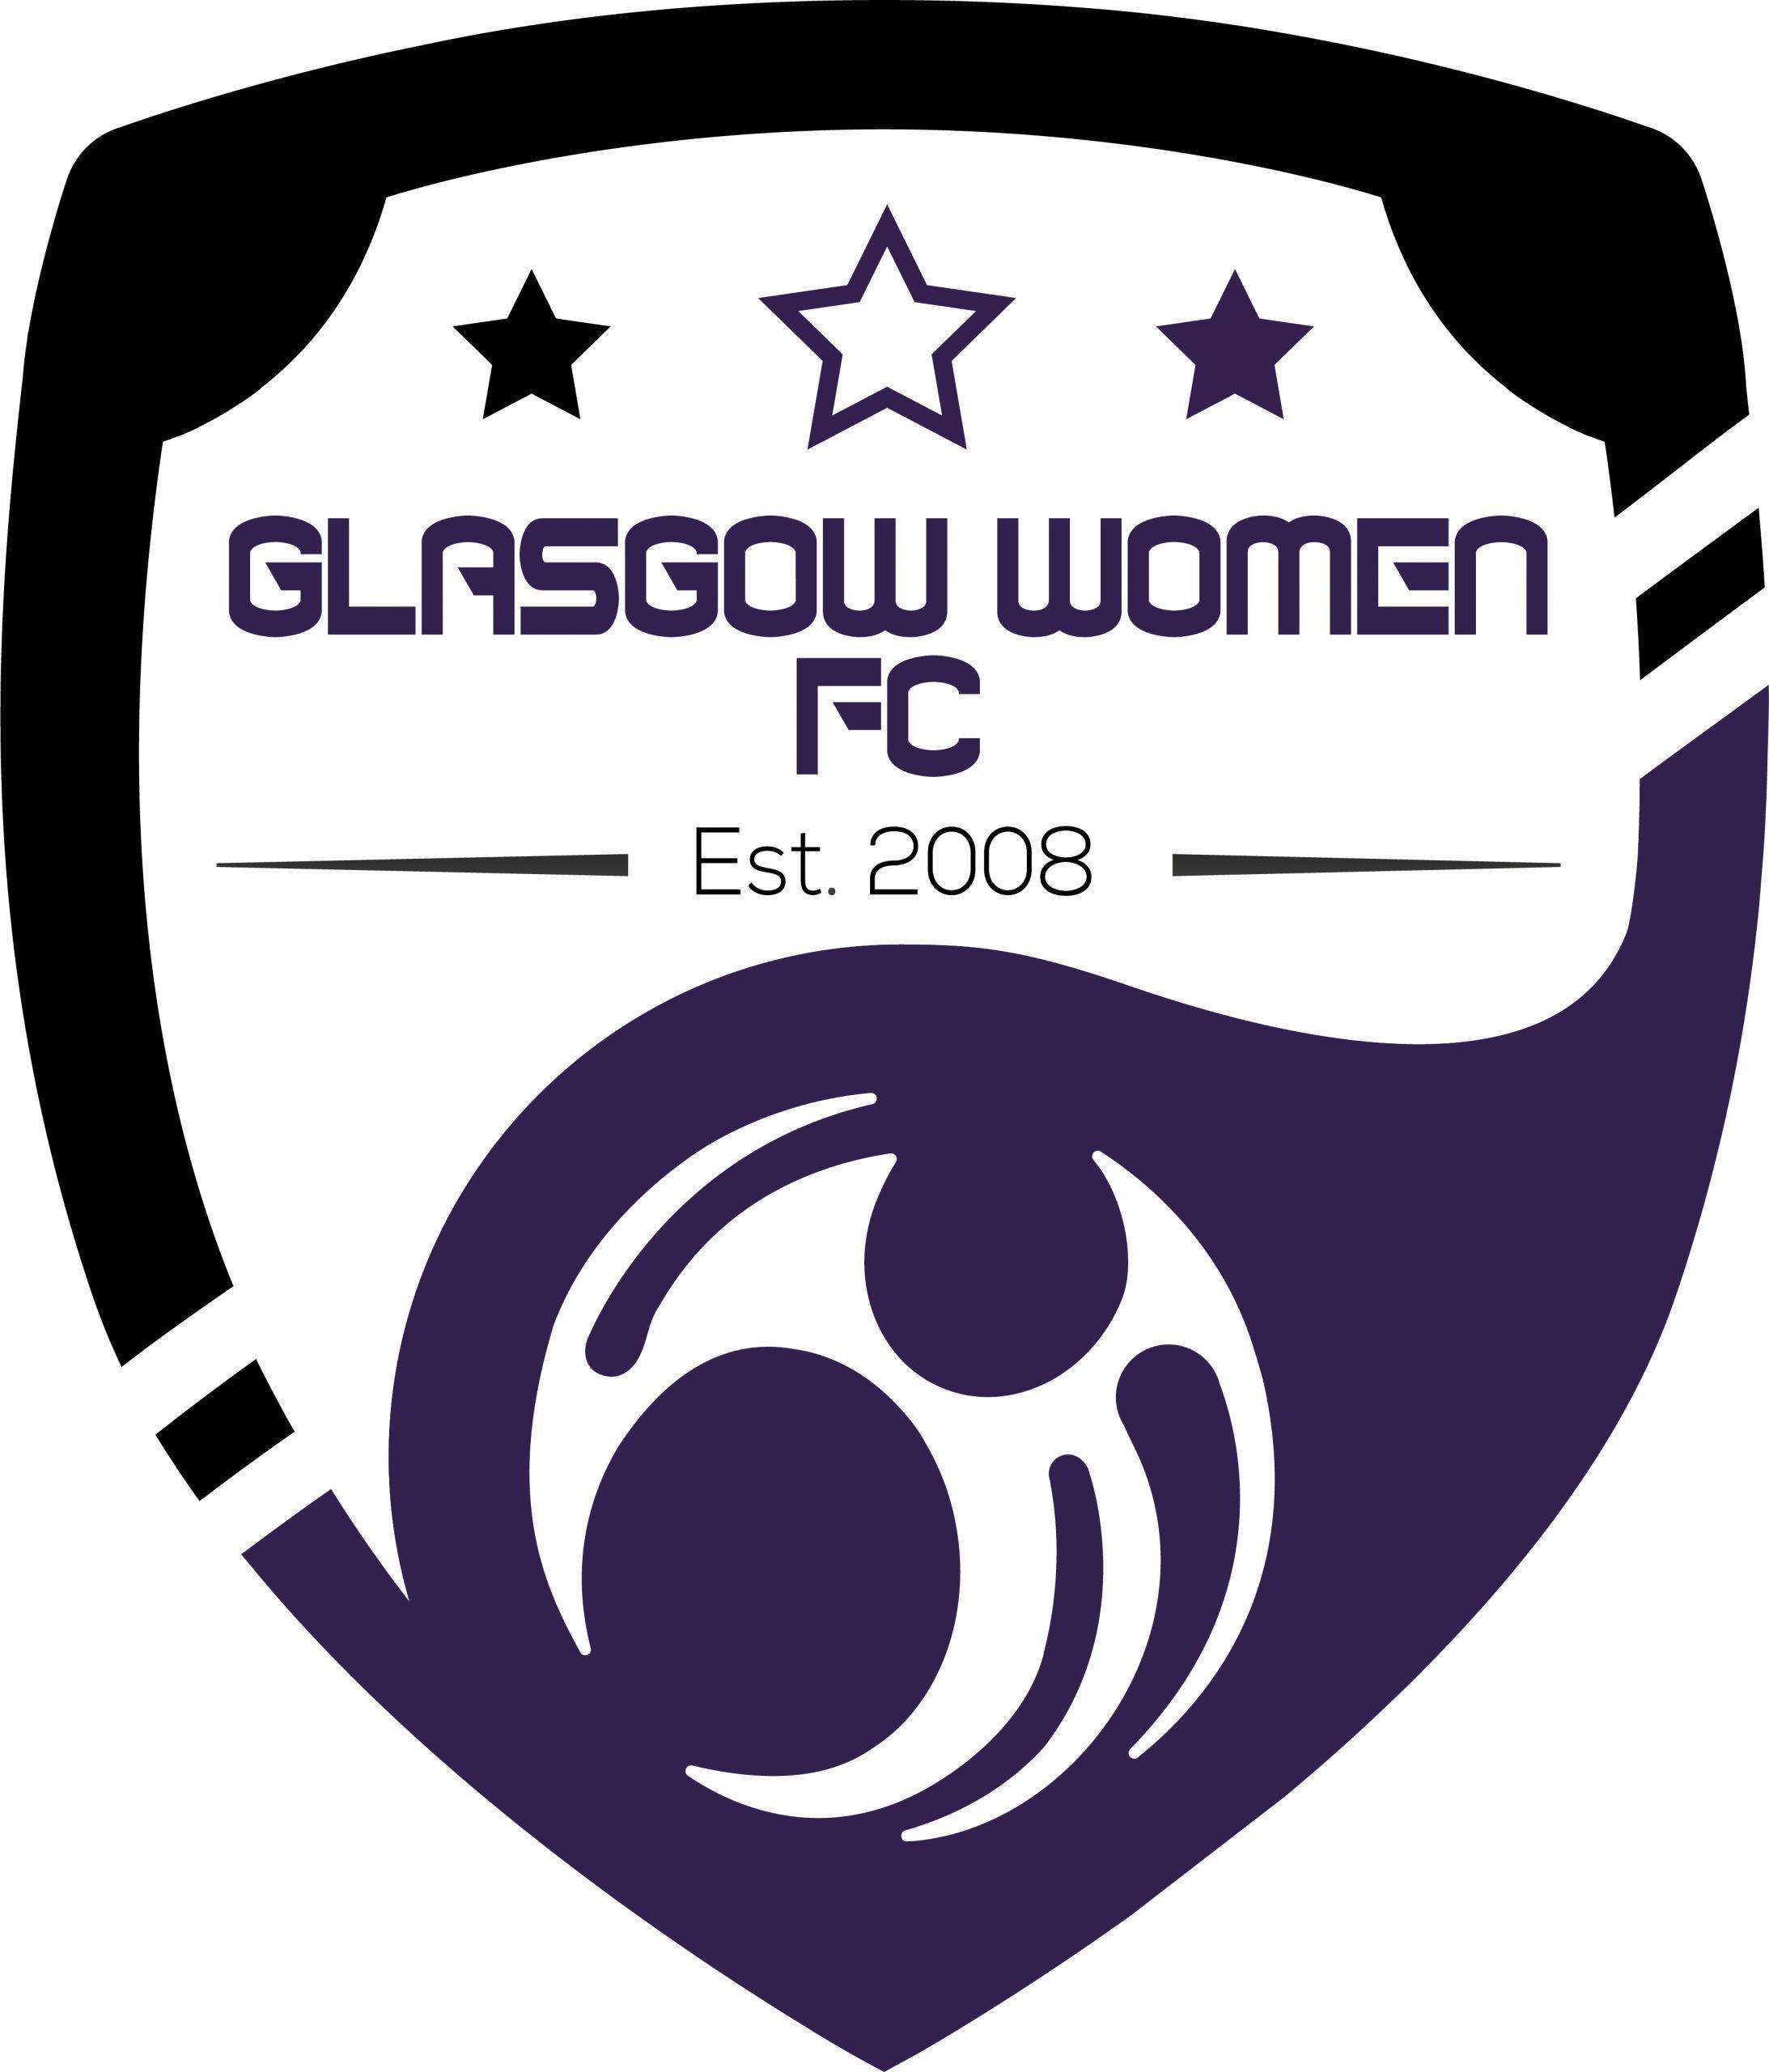 Glasgow Women FC